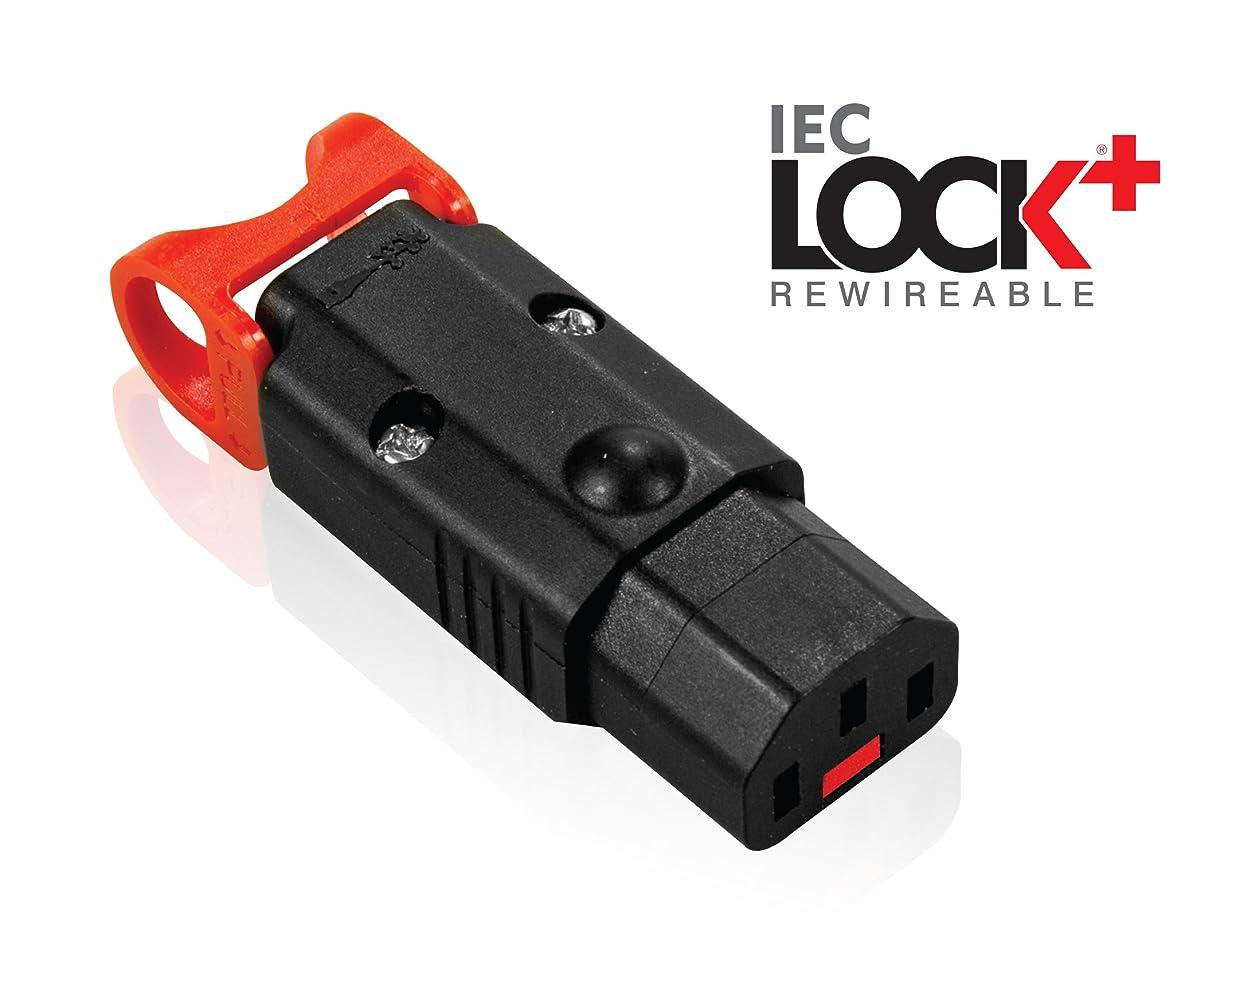 神経衰弱活気づけるスライム電源コネクタ 抜け防止機能付き IEC LOCK+ REWIREBLE